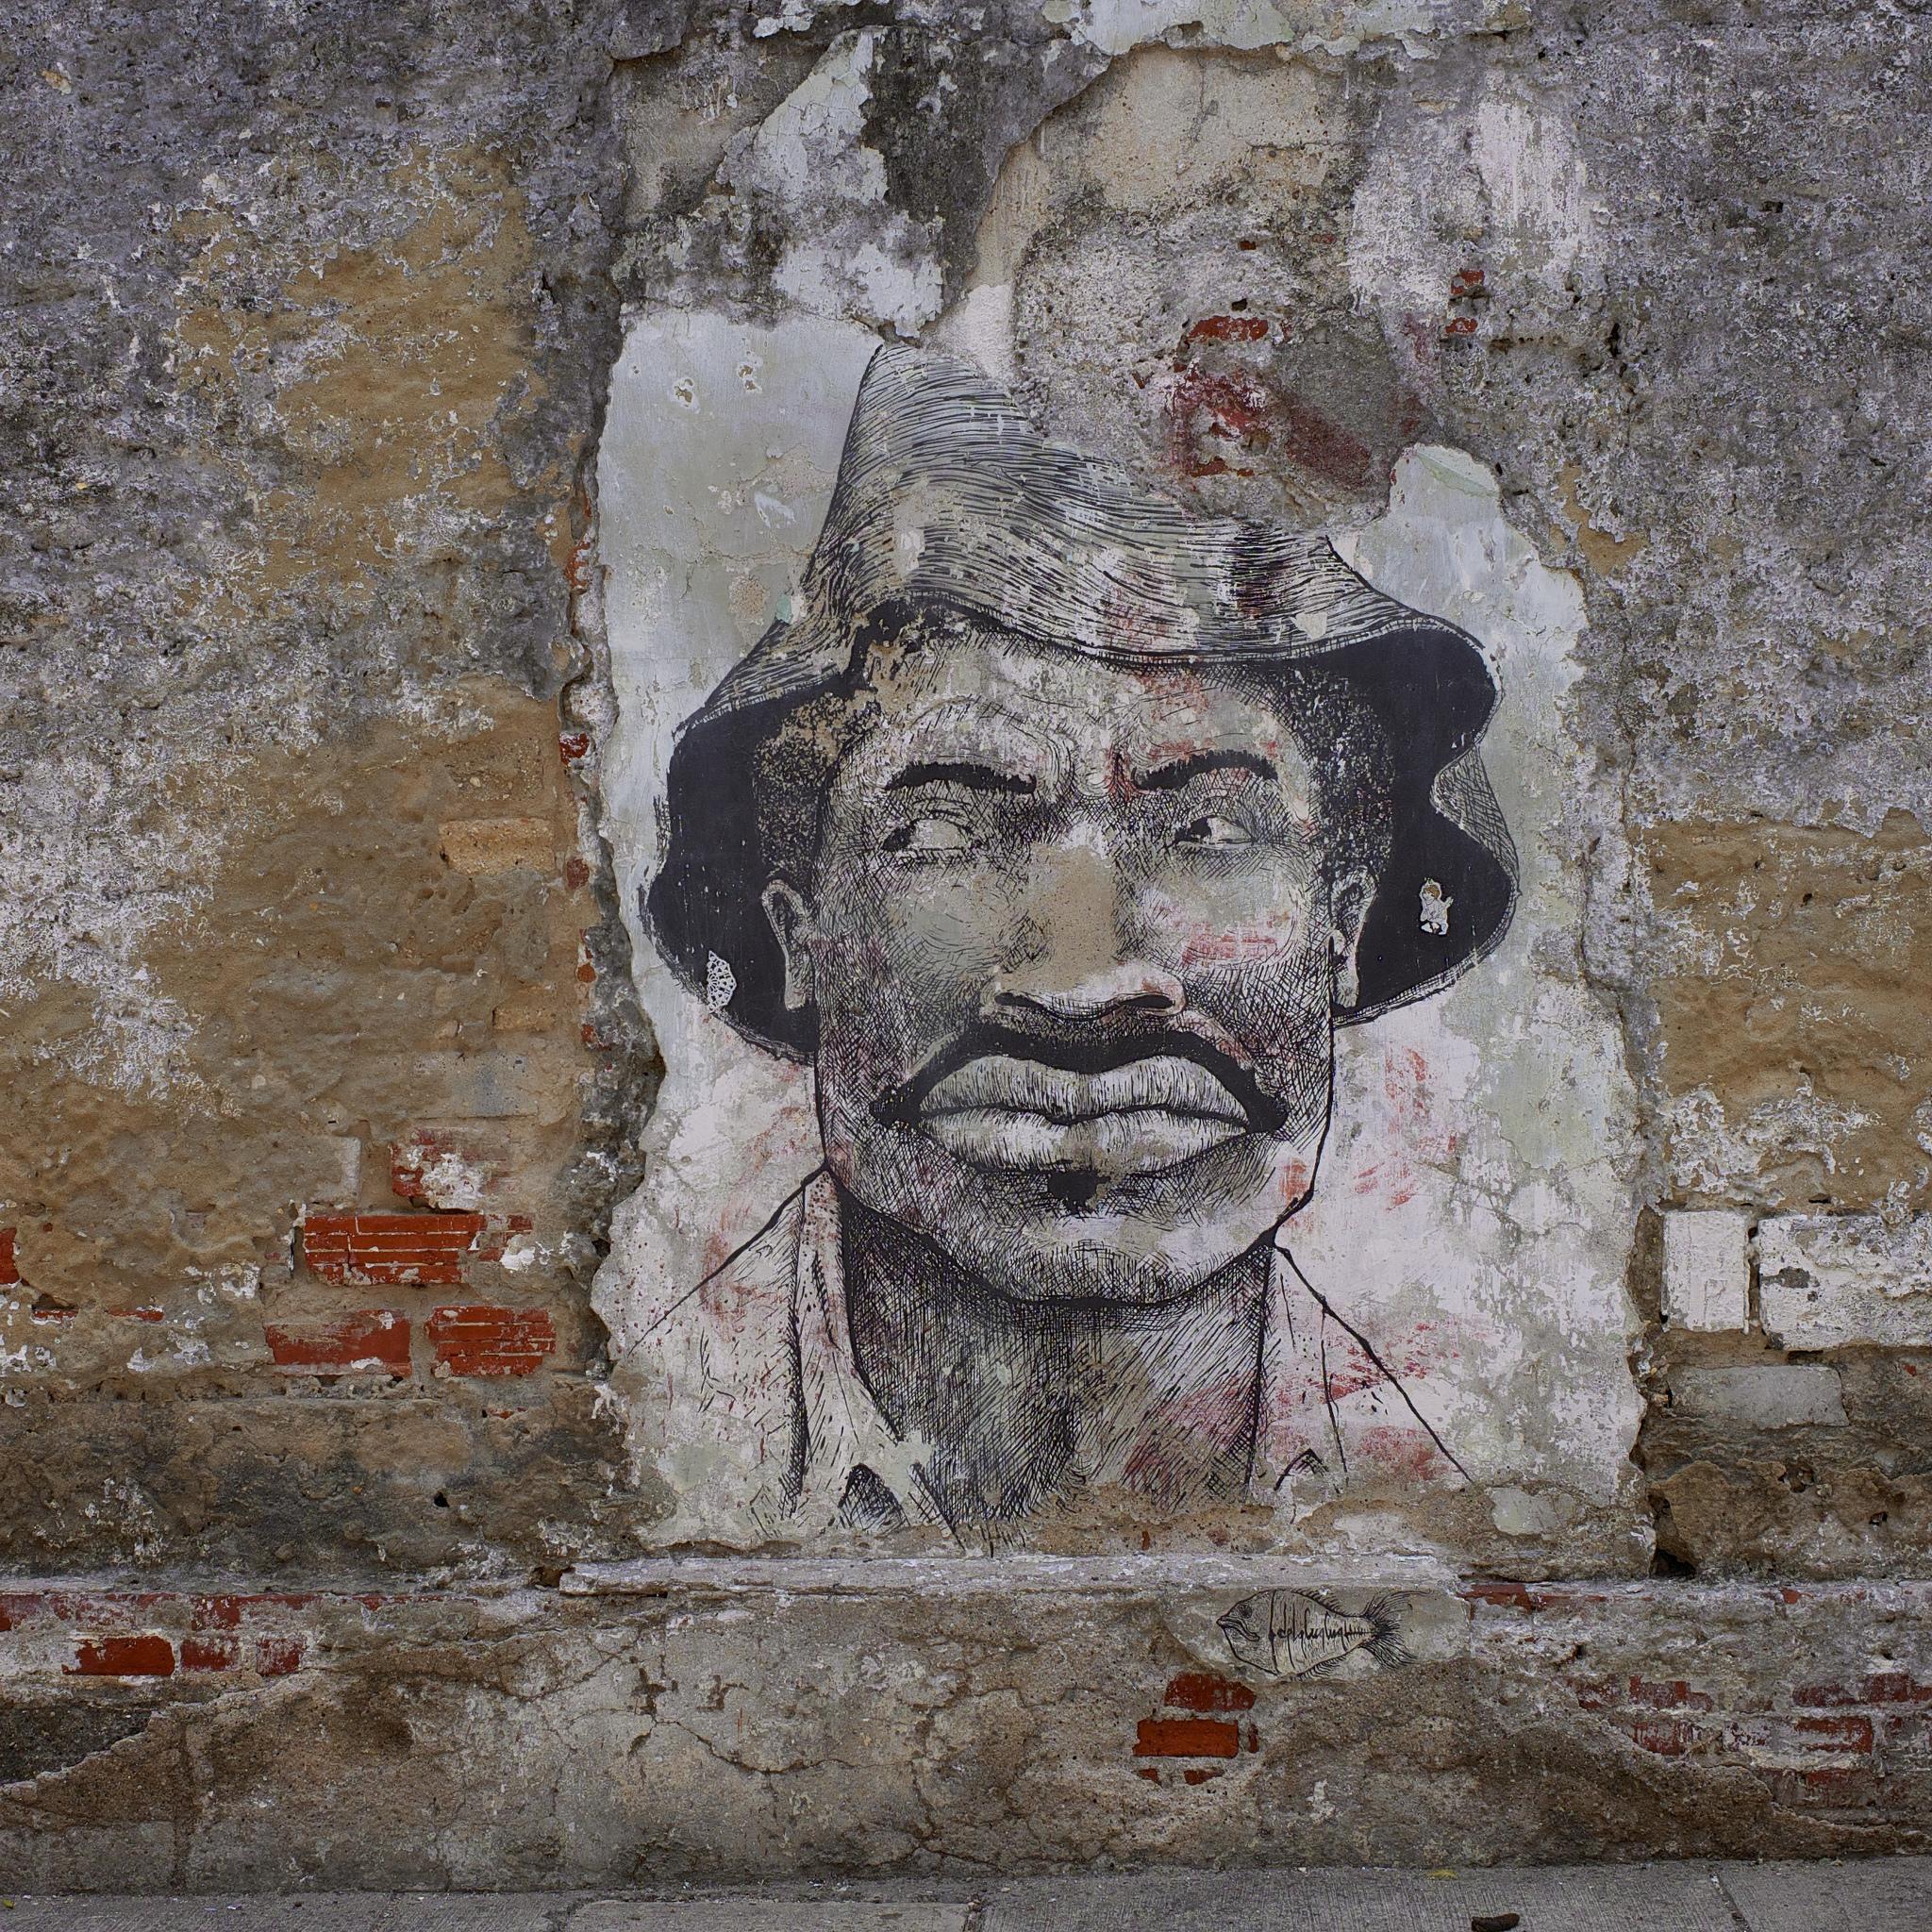 Toutes les tailles | Street art | Flickr: partage de photos!